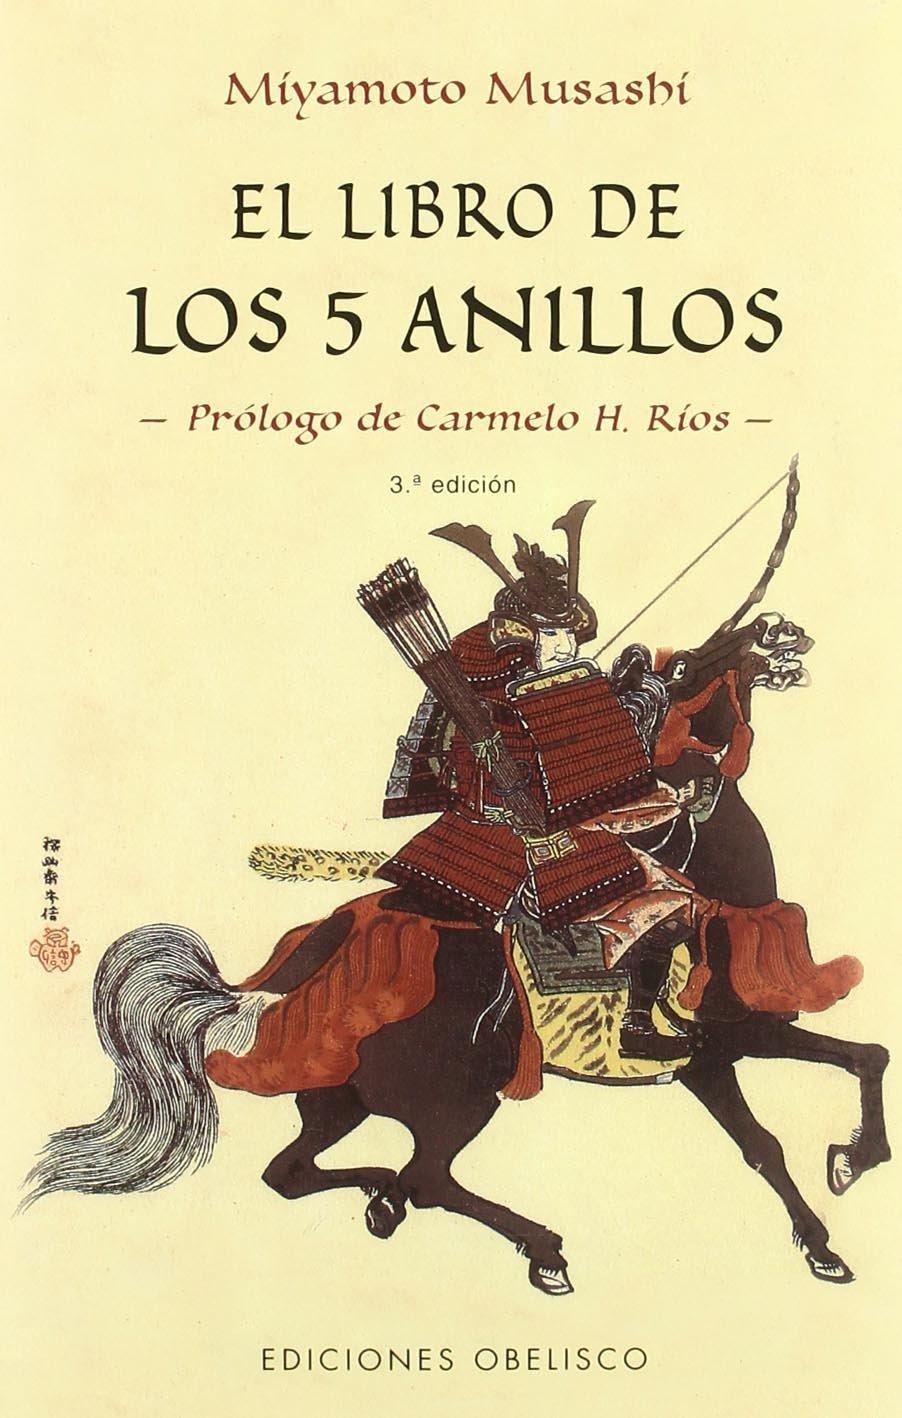 Libro de los 5 anillos, El (ARTES MARCIALES) Tapa blanda – 27 feb 2017 Miyamoto Musashi OBELS|#Obelisco 8497771648 2008123374